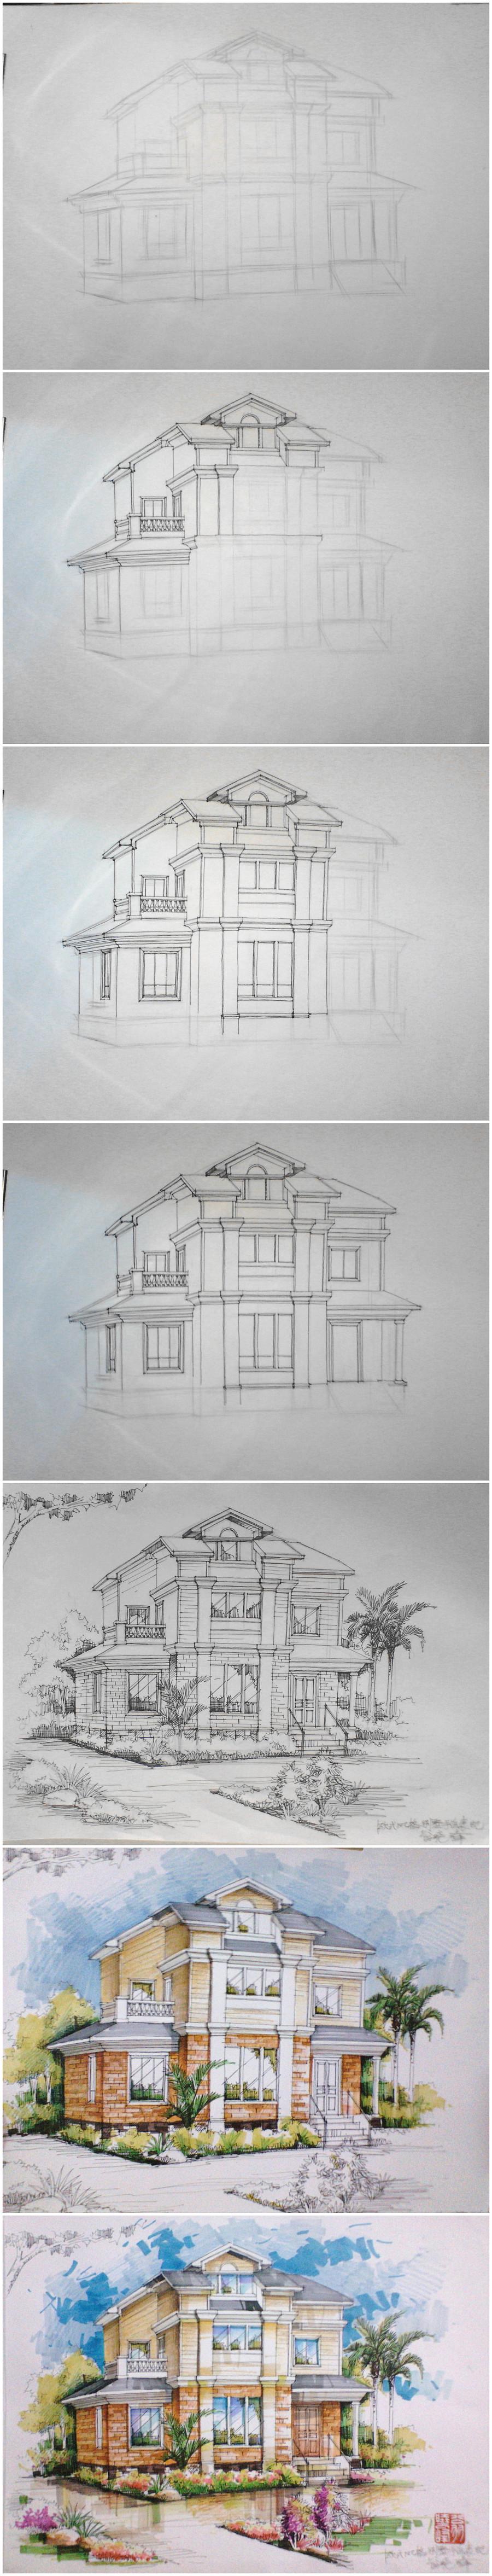 欧式别墅外观手绘效果图步骤图